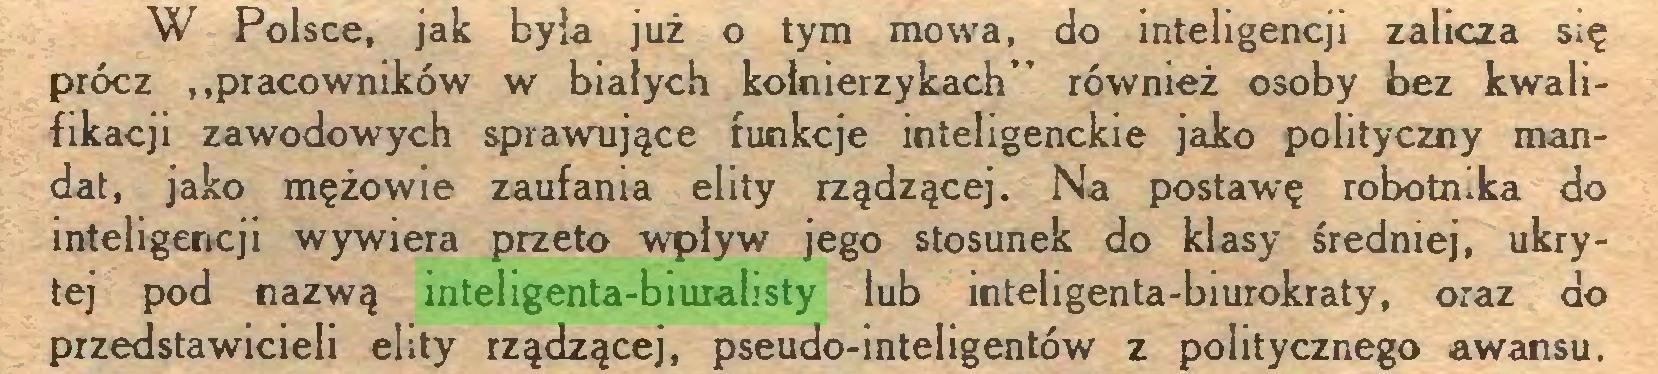 """(...) W Polsce, jak była już o tym mowa, do inteligencji zalicza się prócz """"pracowników w białych kołnierzykach"""" również osoby bez kwalifikacji zawodowych sprawujące funkcje inteligenckie jako polityczny mandat, jako mężowie zaufania elity rządzącej. Na postawę robotnika do inteligencji wywiera przeto wpływ jego stosunek do klasy średniej, ukrytej pod nazwą inteligenta-biuralisty lub inteligenta-biurokraty, oraz do przedstawicieli elity rządzącej, pseudo-inteligentów z politycznego awansu..."""